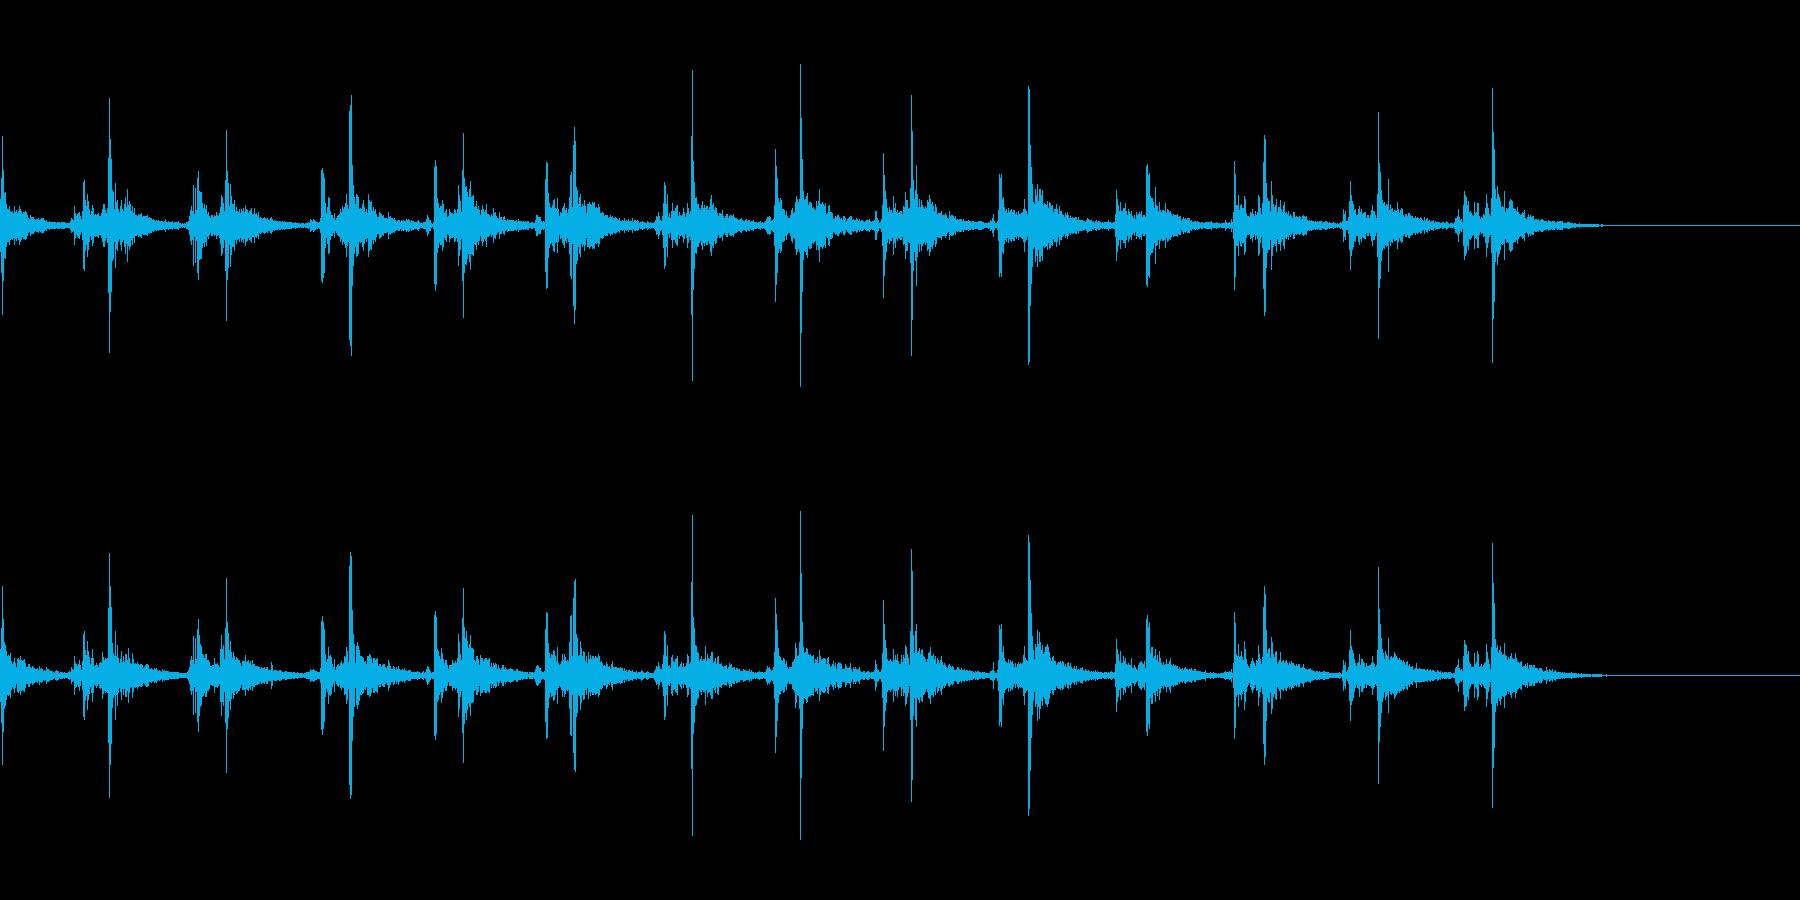 リバーブをかけた神楽鈴(小)を振る音の再生済みの波形